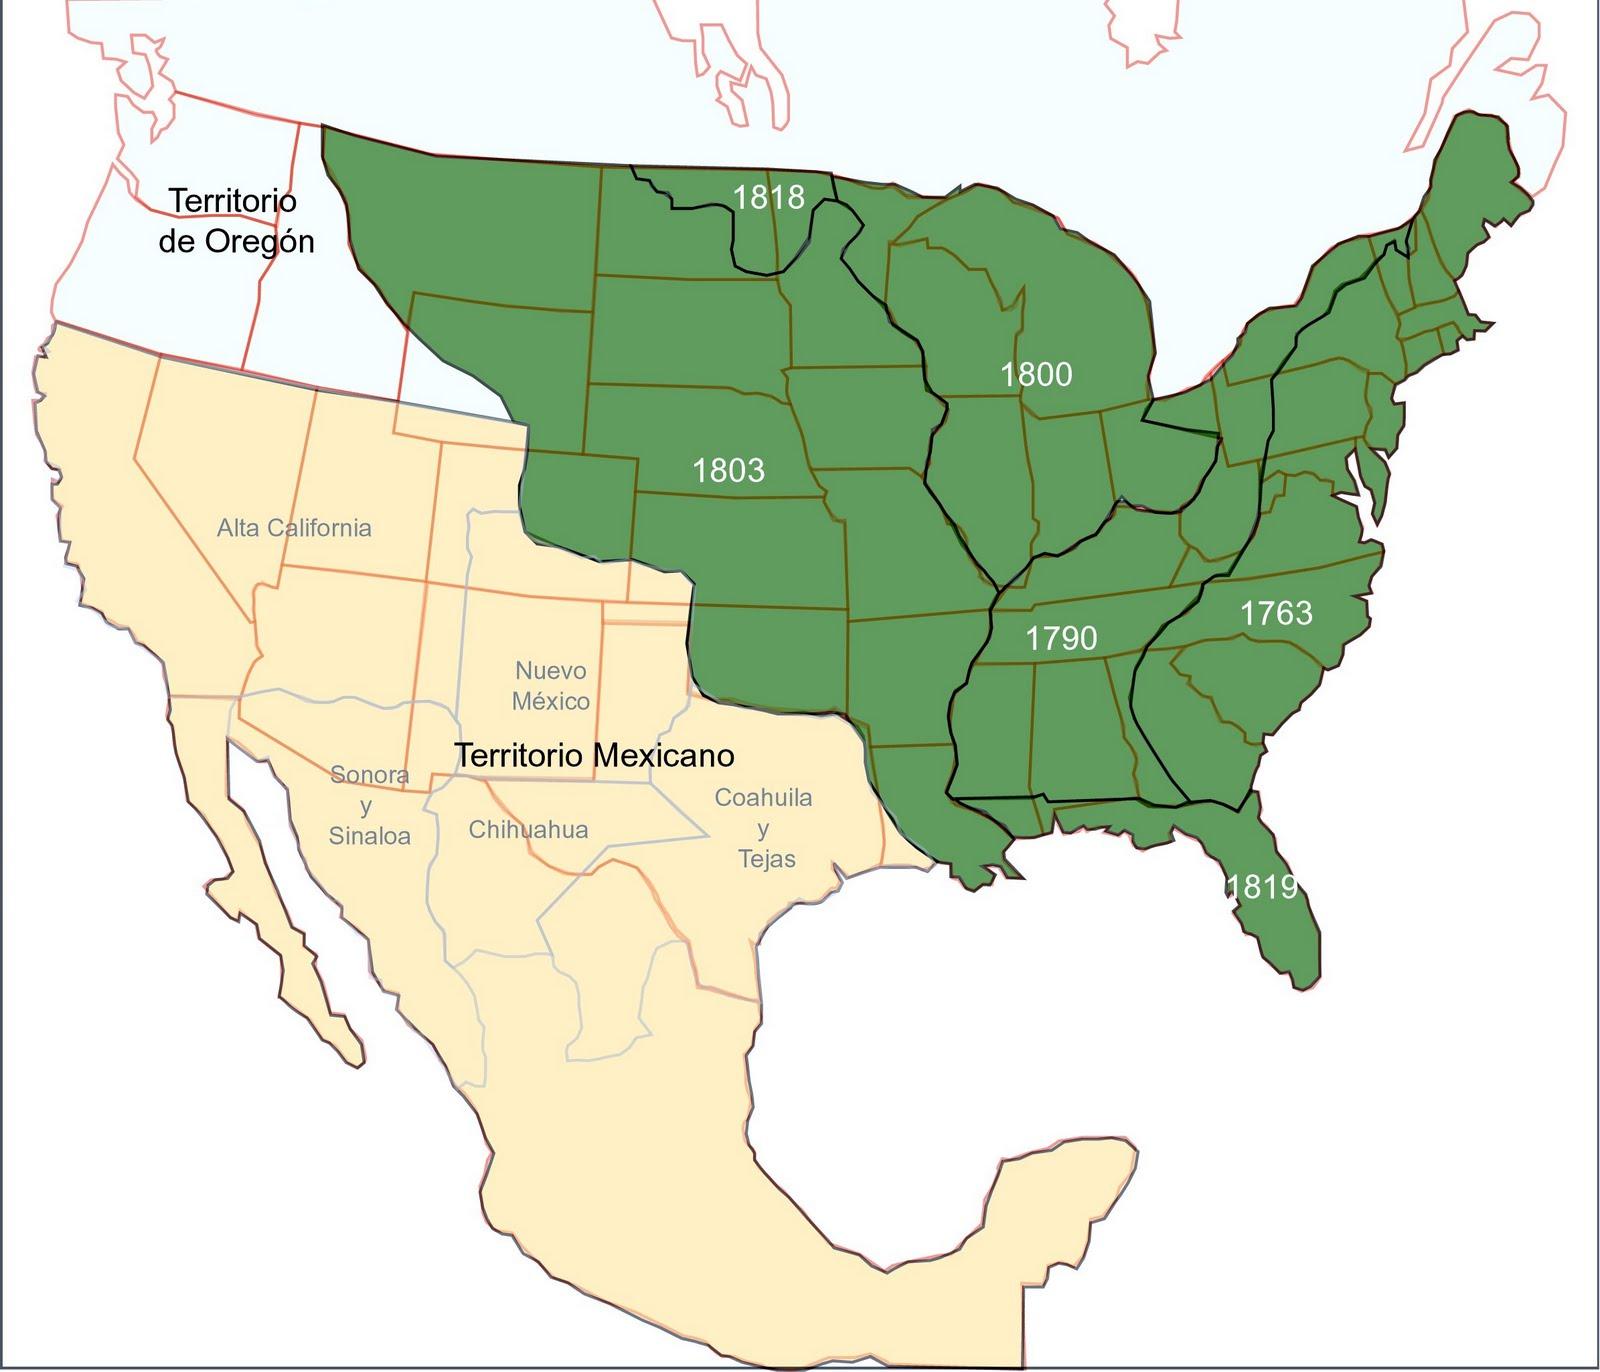 Mapa del territorio mexicano antes de la guerra con Estados Unidos